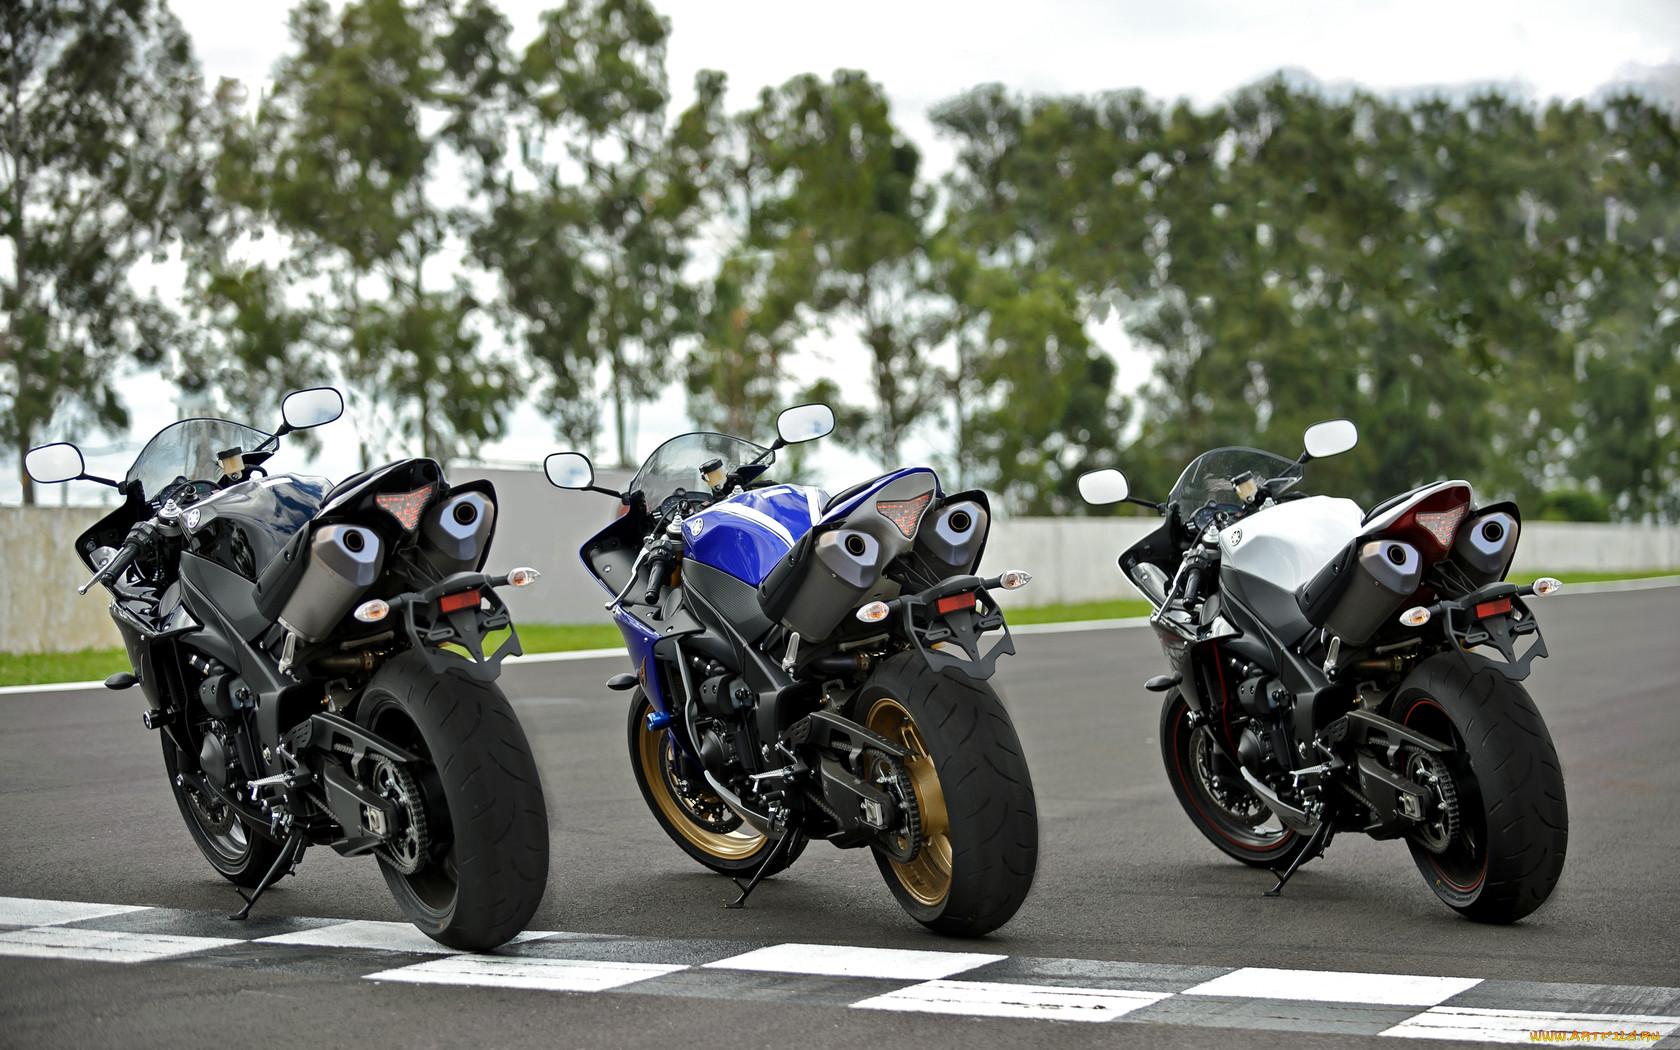 профессиональной много картинок с мотоциклами учительница муж женою